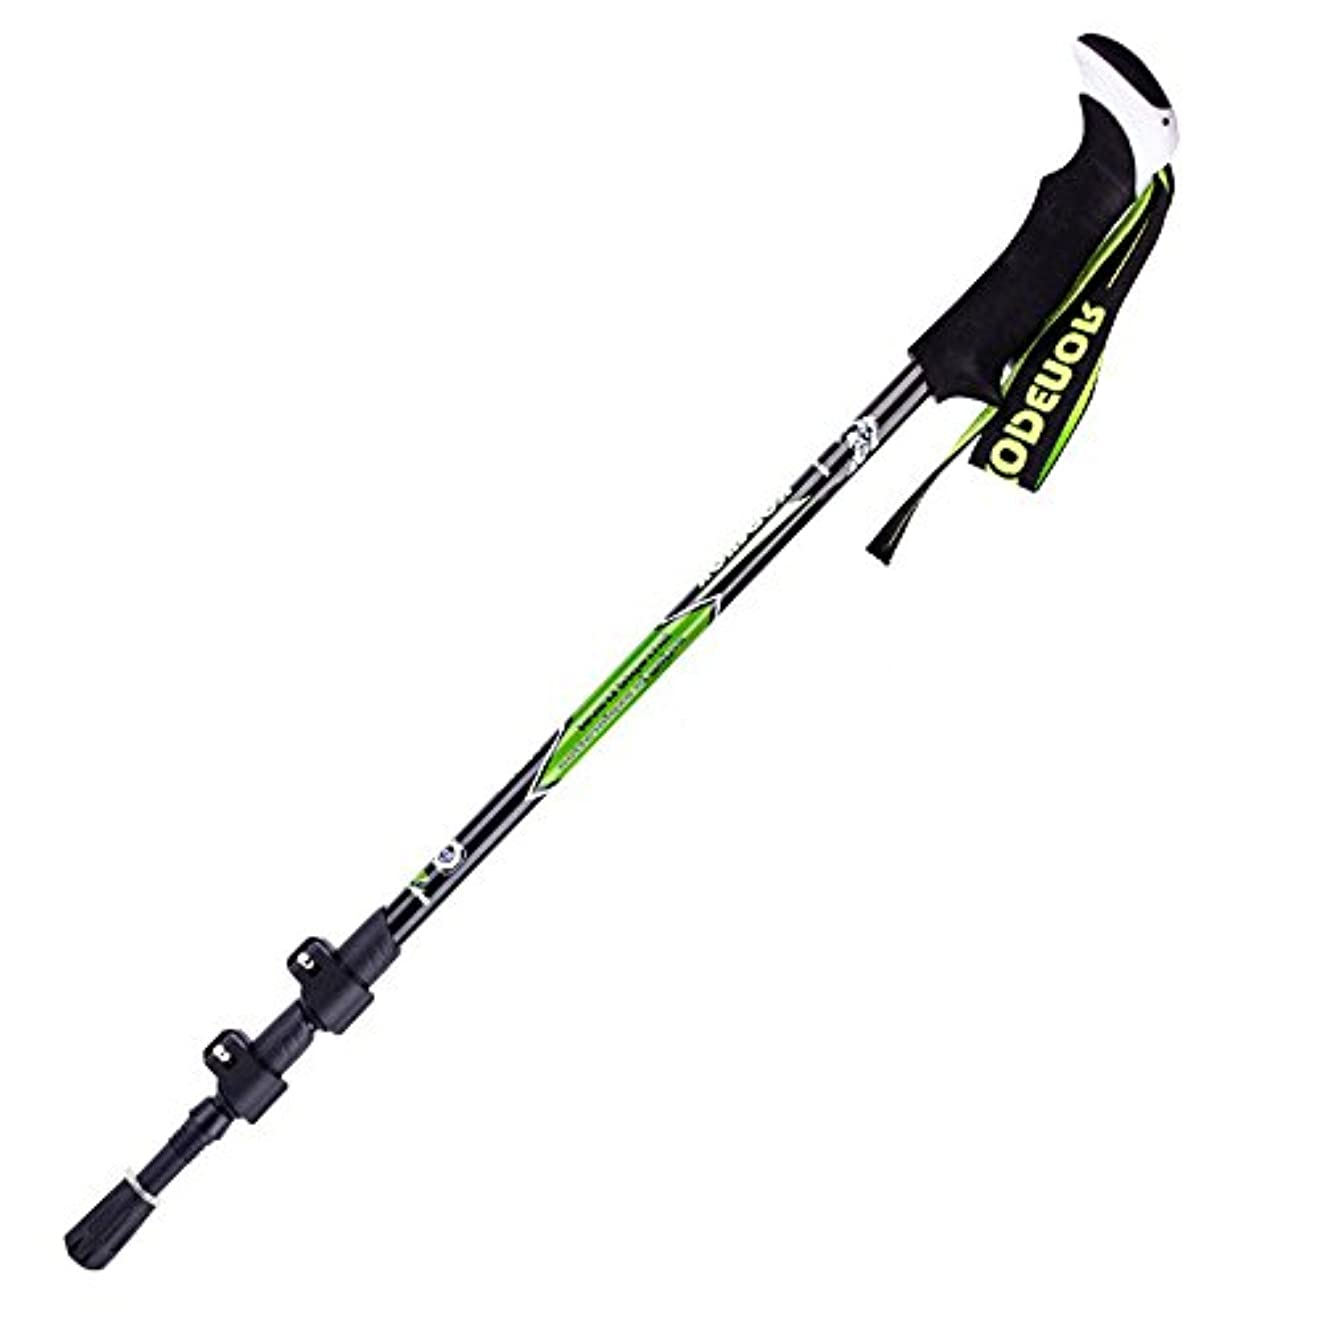 ホイットニー地球病者Alpenstocks Lock超軽量カーボンファイバーフォールディング3セクション伸縮自在のウォーキングスティック屋外スポーツマンのためのスティックウォーキング